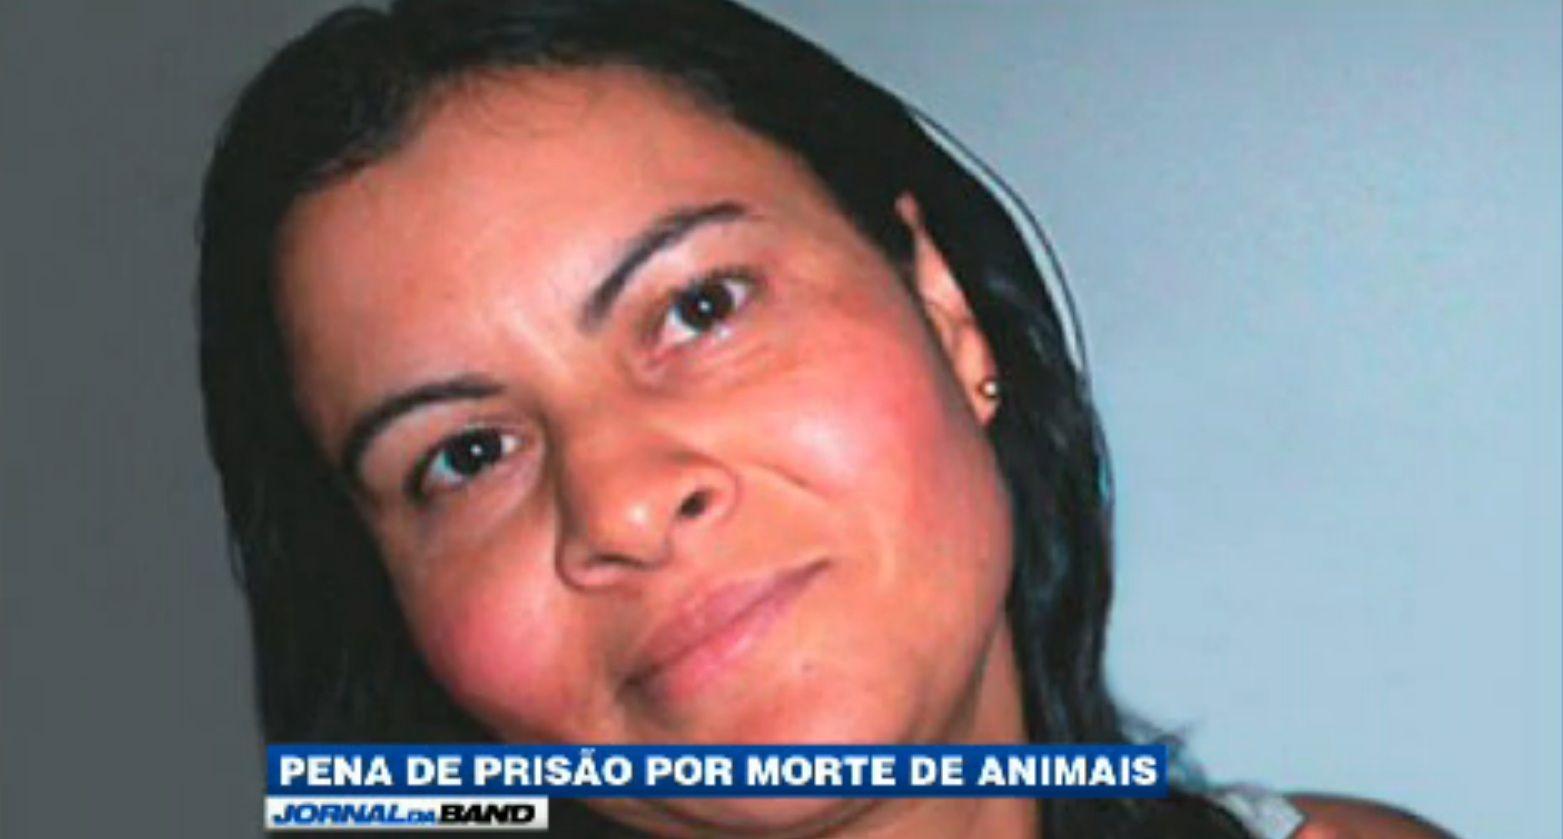 Dalva Lina da Silva recebeu sentença de 12 anos de prisão / Reprodução/Jornal da Band